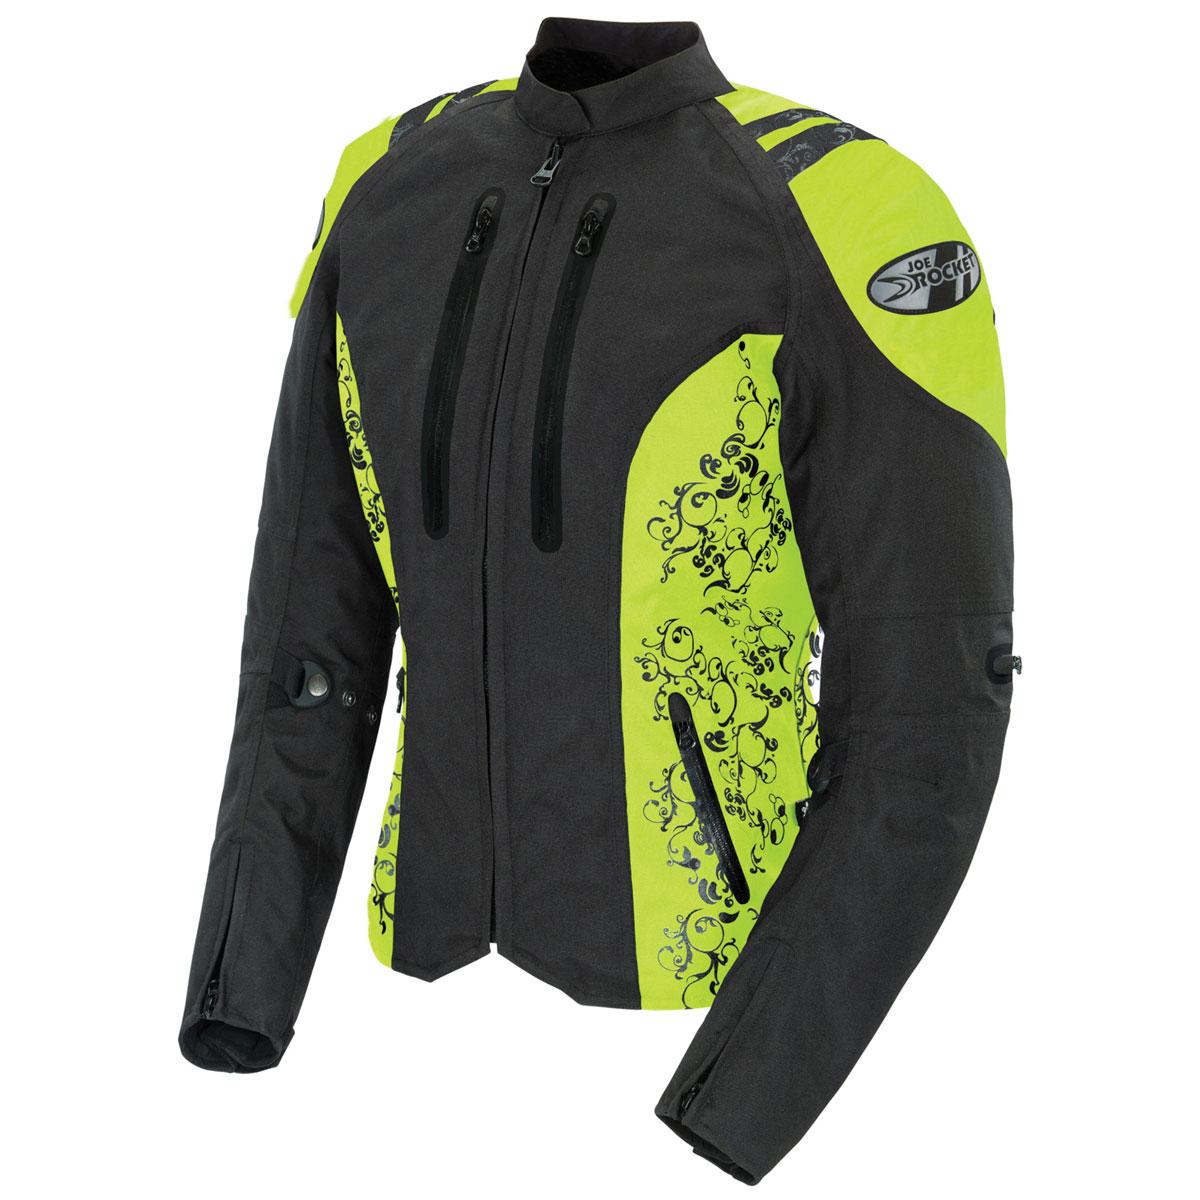 Joe Rocket Women's Atomic 4.0 Waterproof Neon/Black Jacket